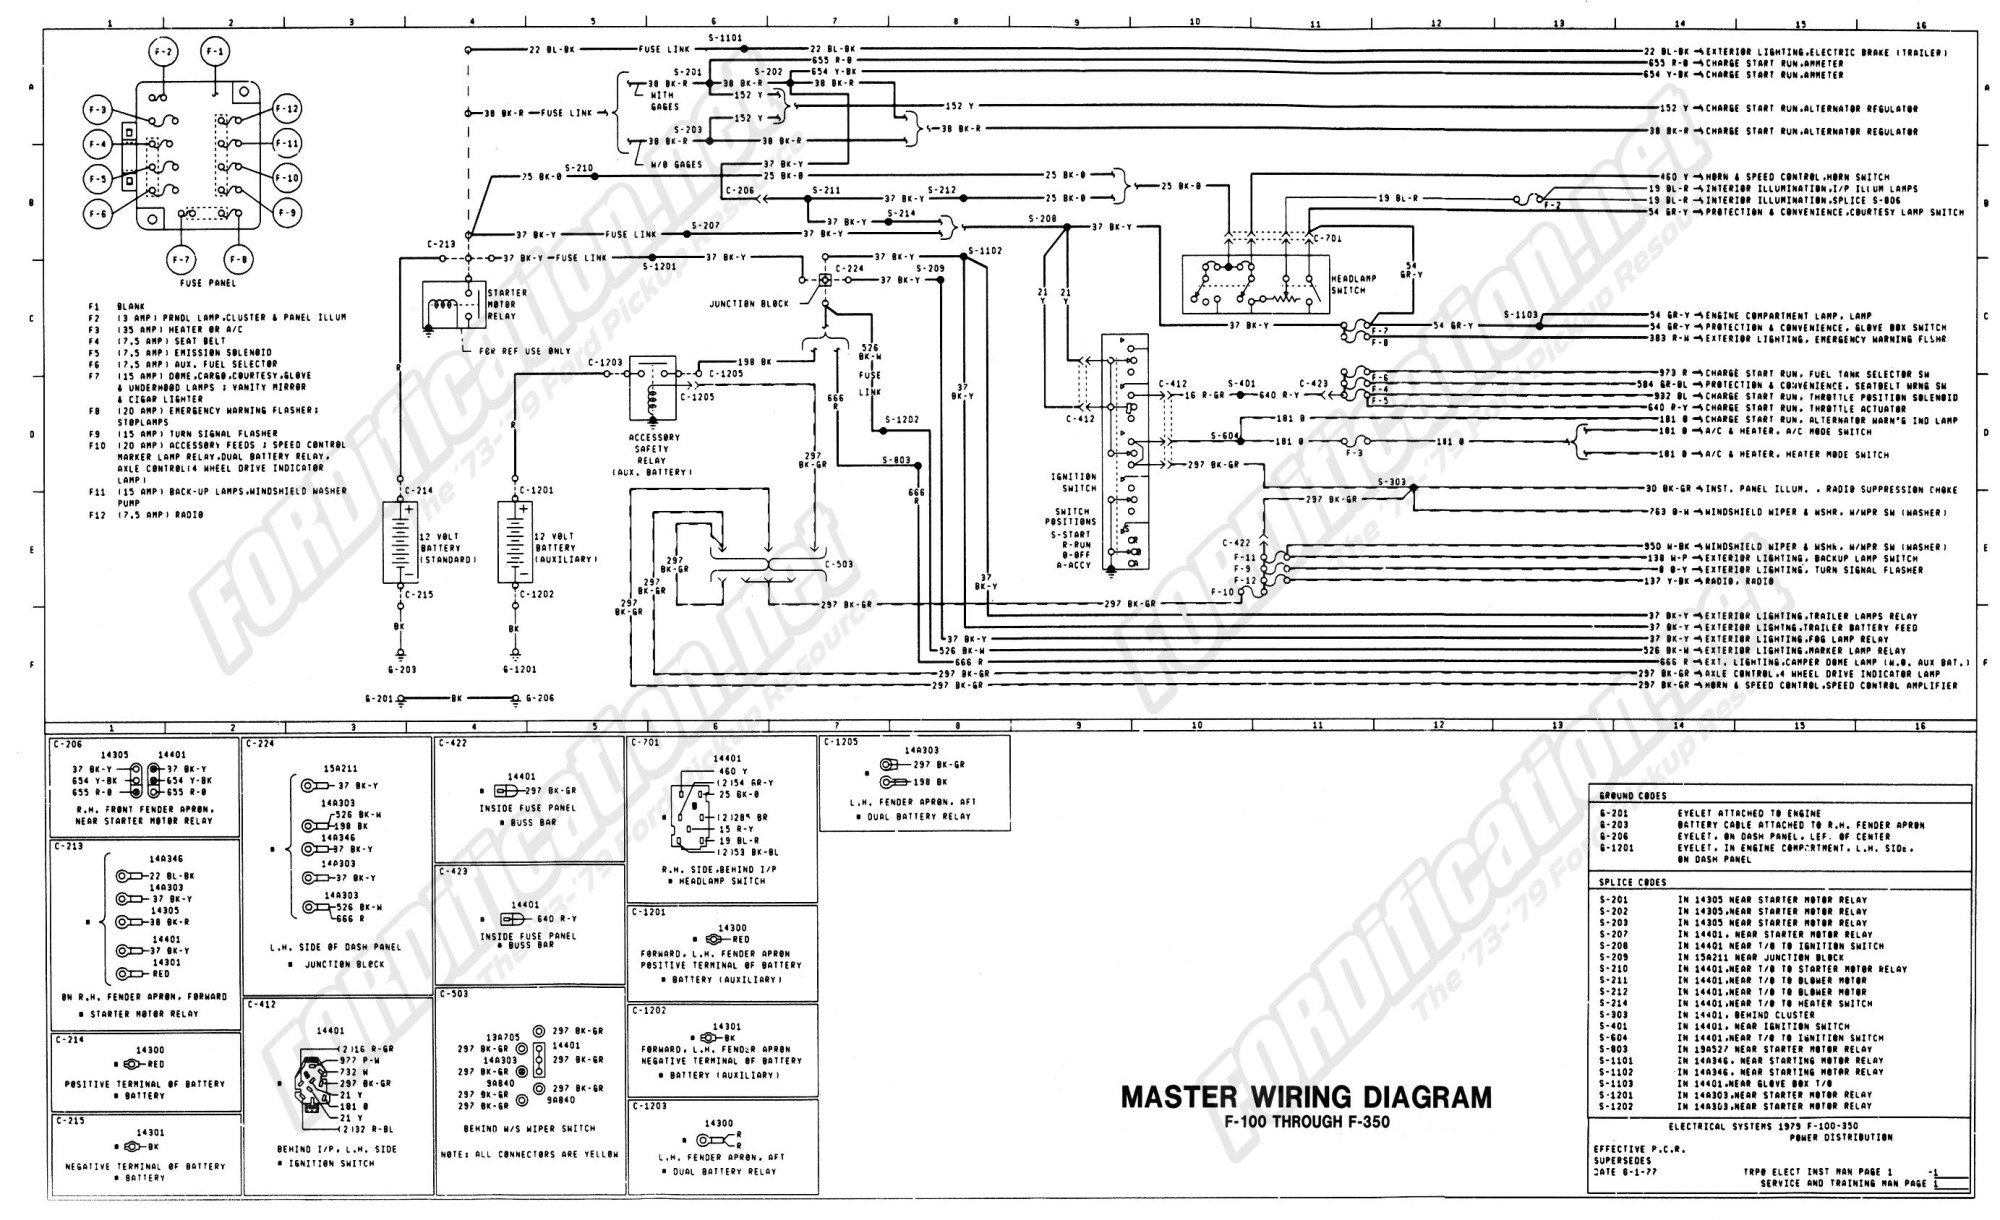 hight resolution of case ih 7140 wiring schematic wiring diagram data today case ih 7140 wiring schematic case ih 7140 wiring diagram